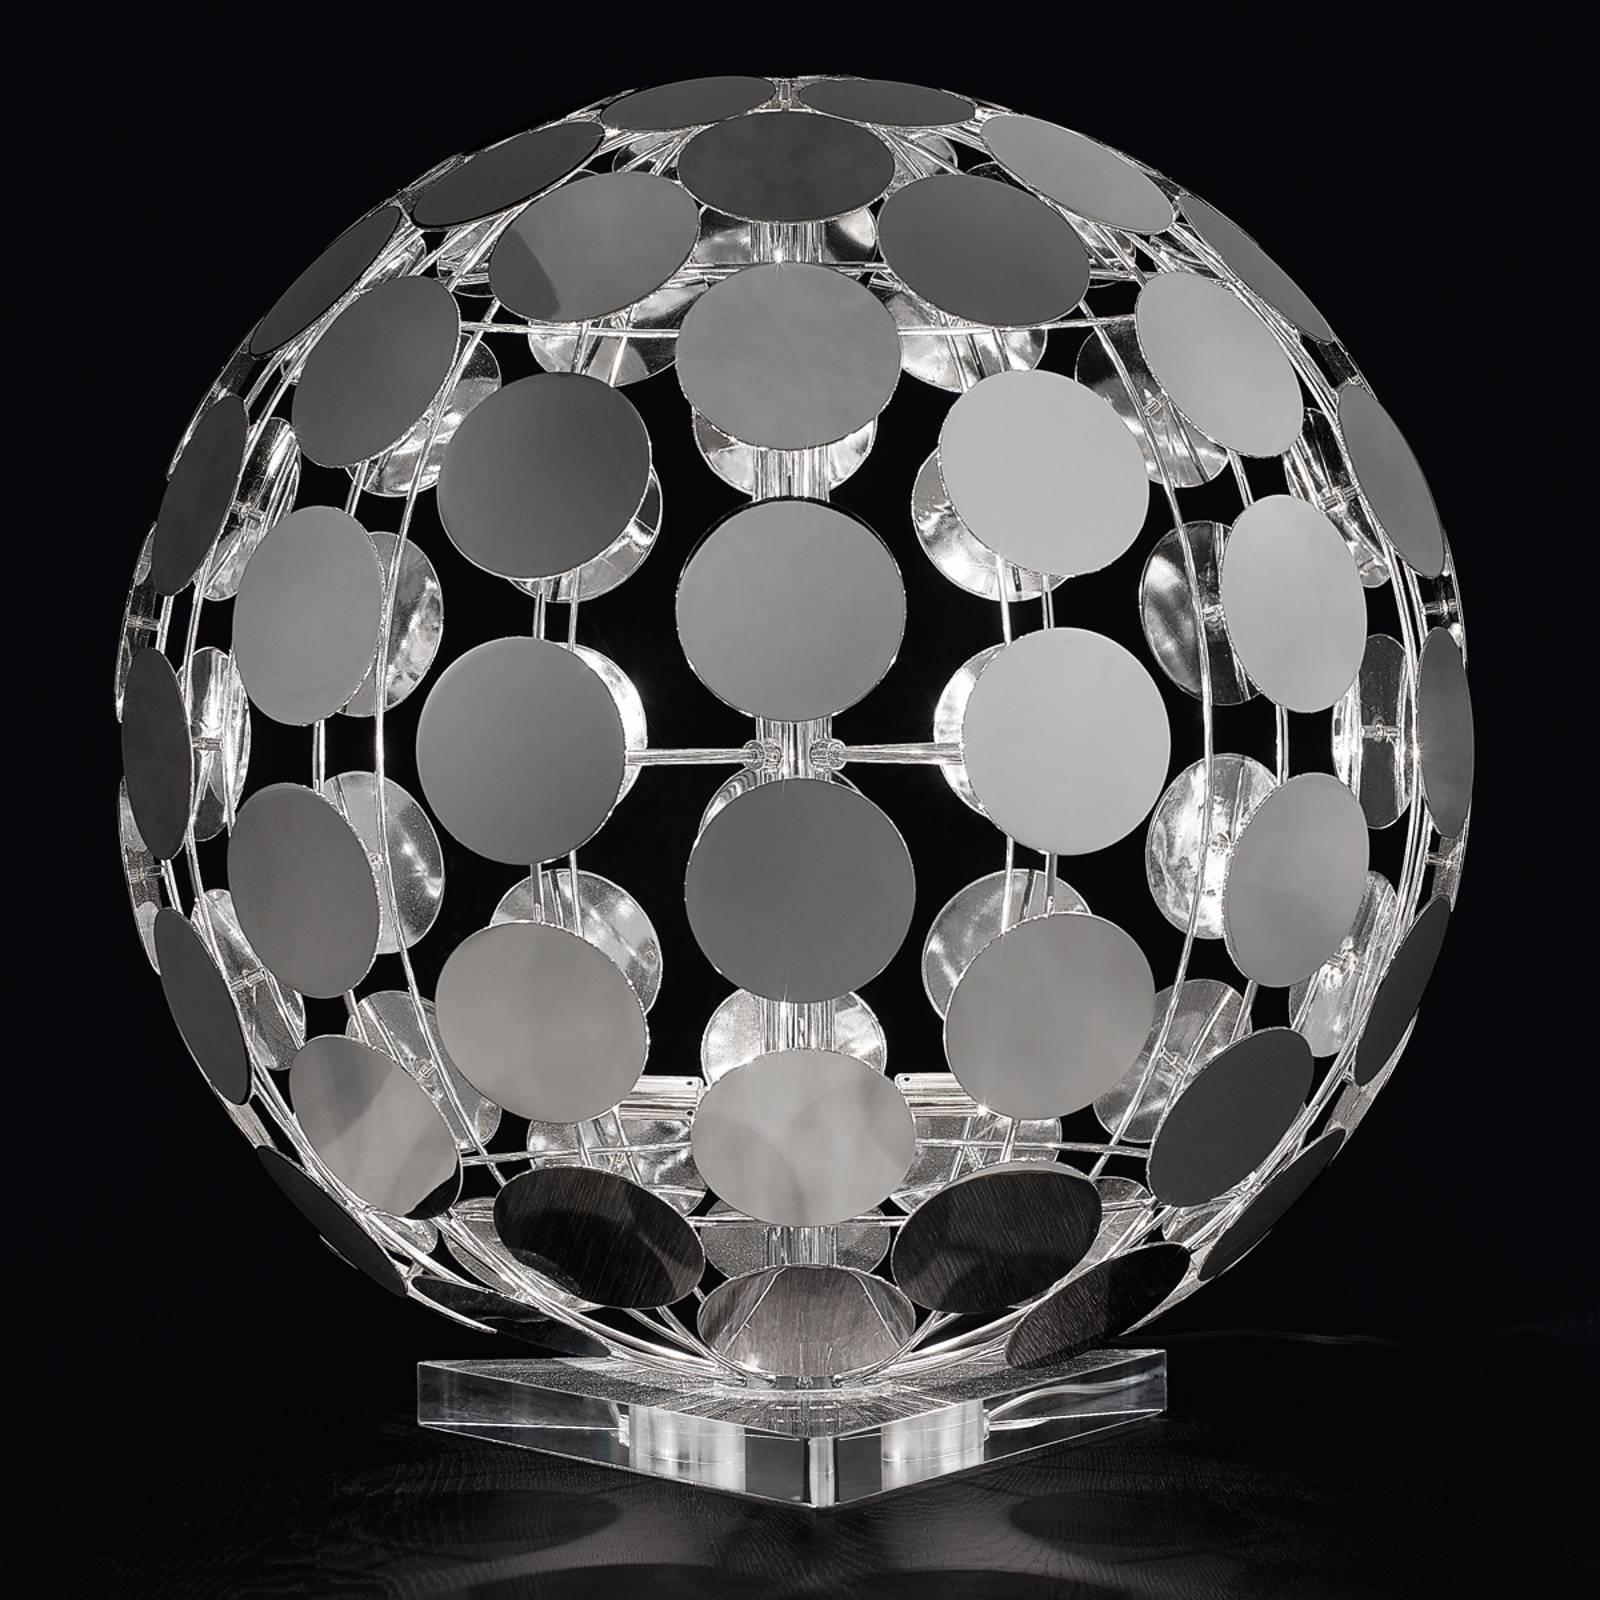 Sfera bordlampe med svart fot, 60 cm